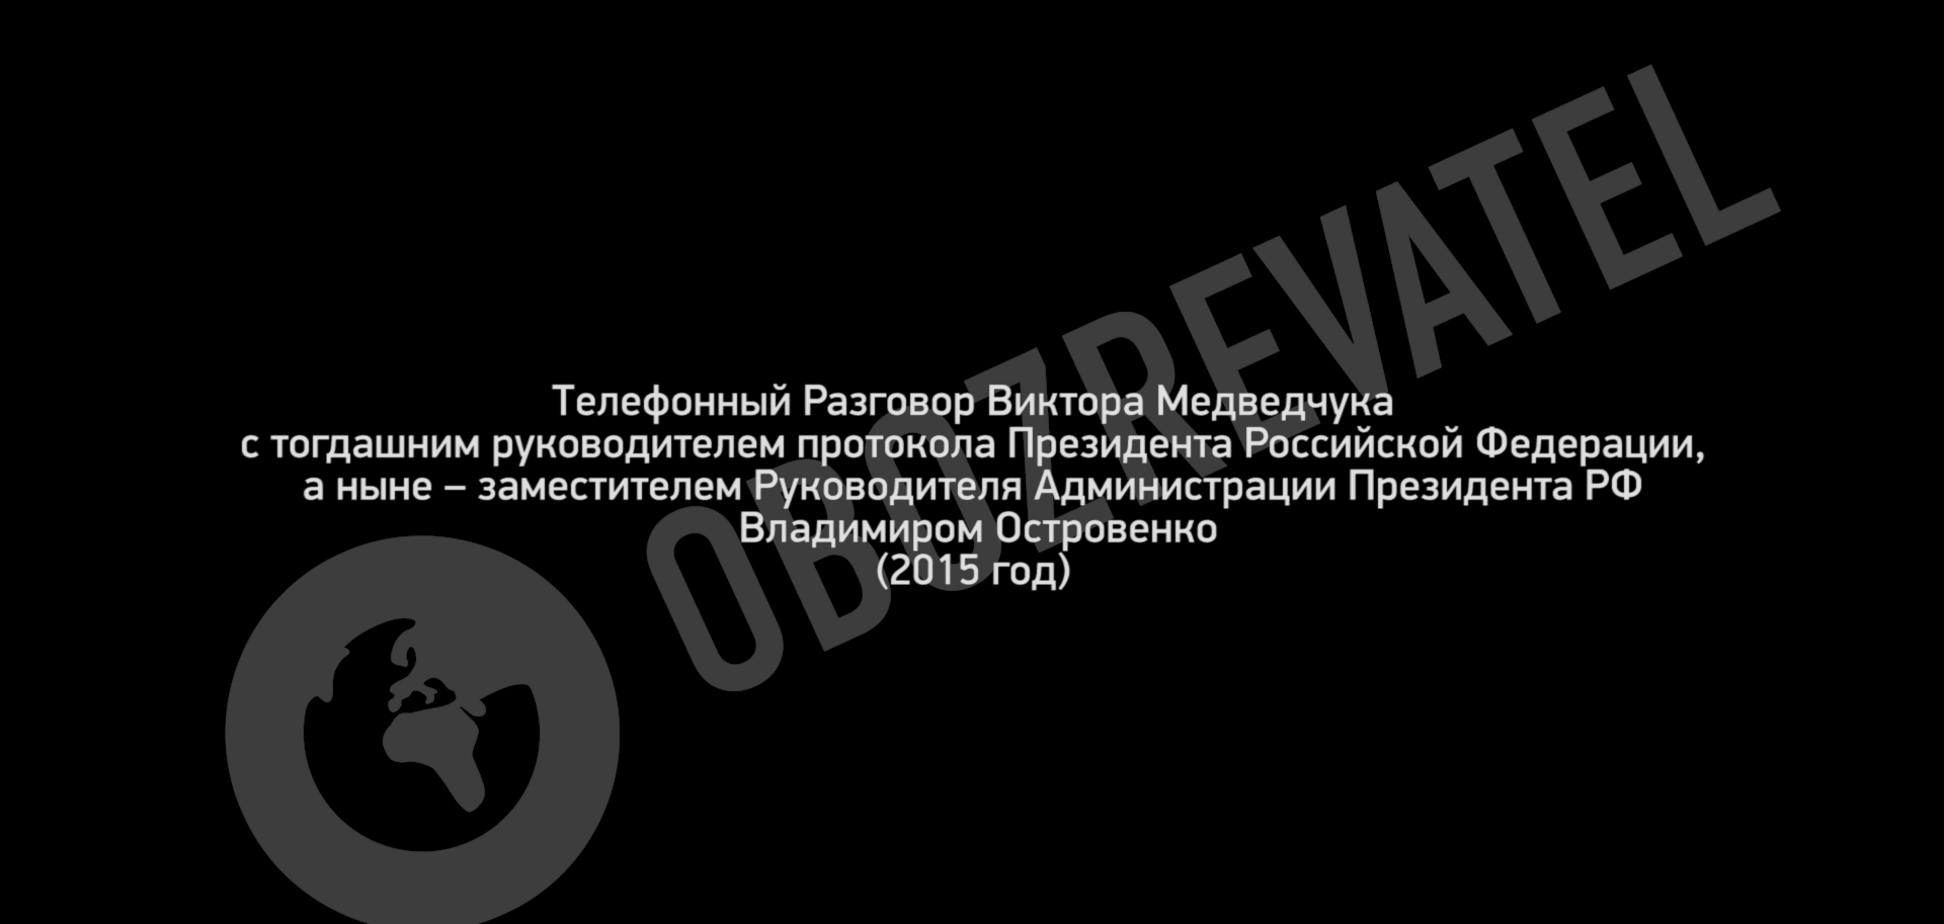 Розмова Медведчука із заступником керівника АП РФ Островенком